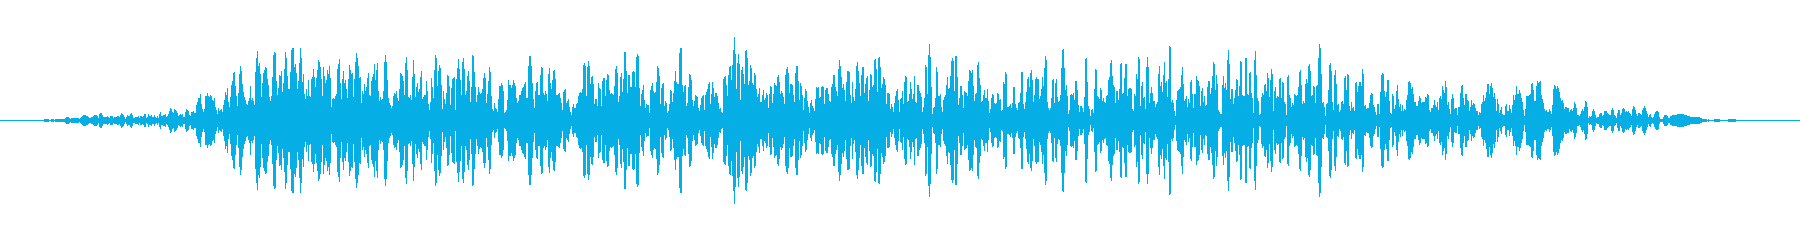 カエル モンスター キャラタップ 怒りの再生済みの波形